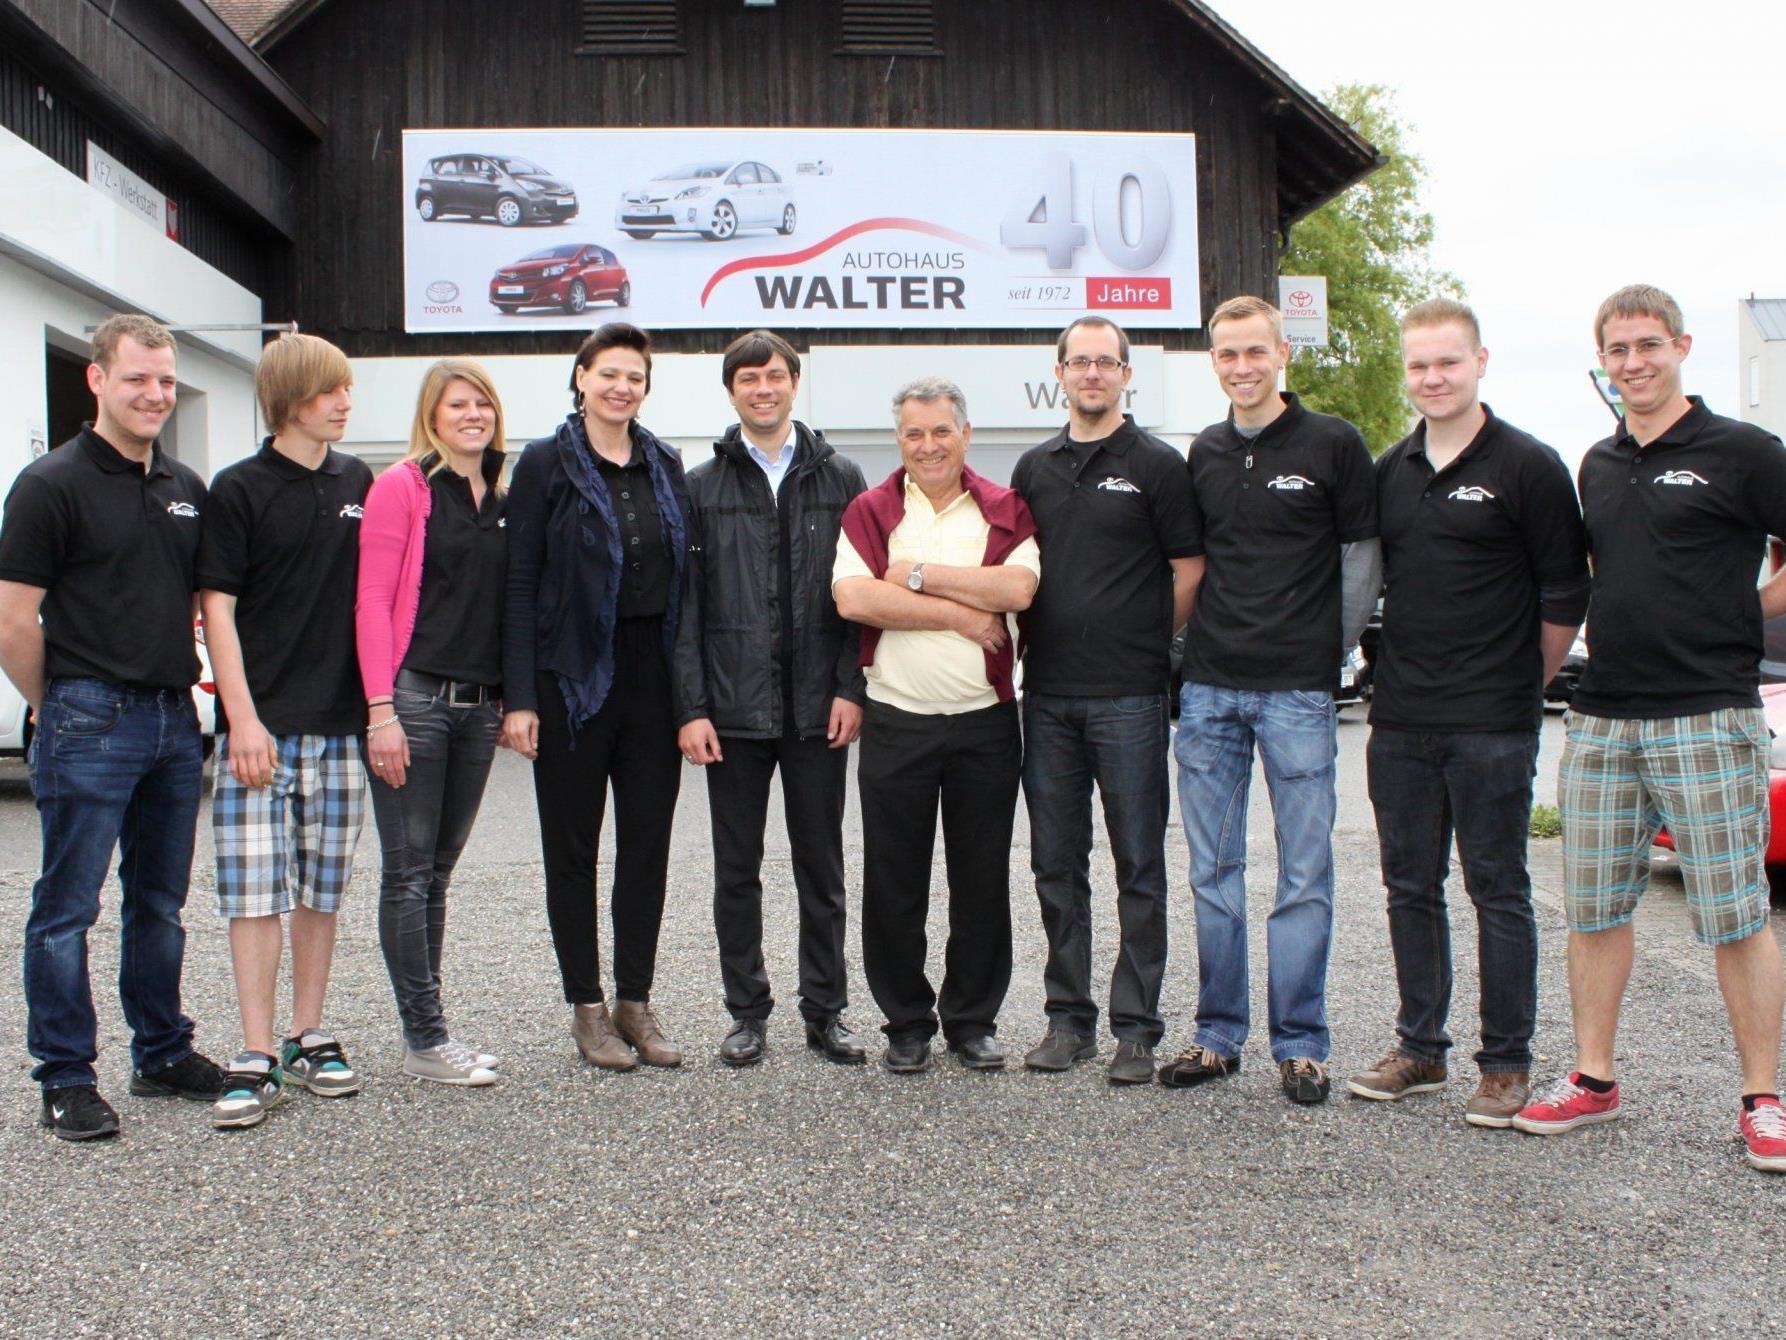 """Das erfolgreiche """"Toyota Walter""""-Team feierte zusammen mit vielen Gästen dieses Jubiläum."""